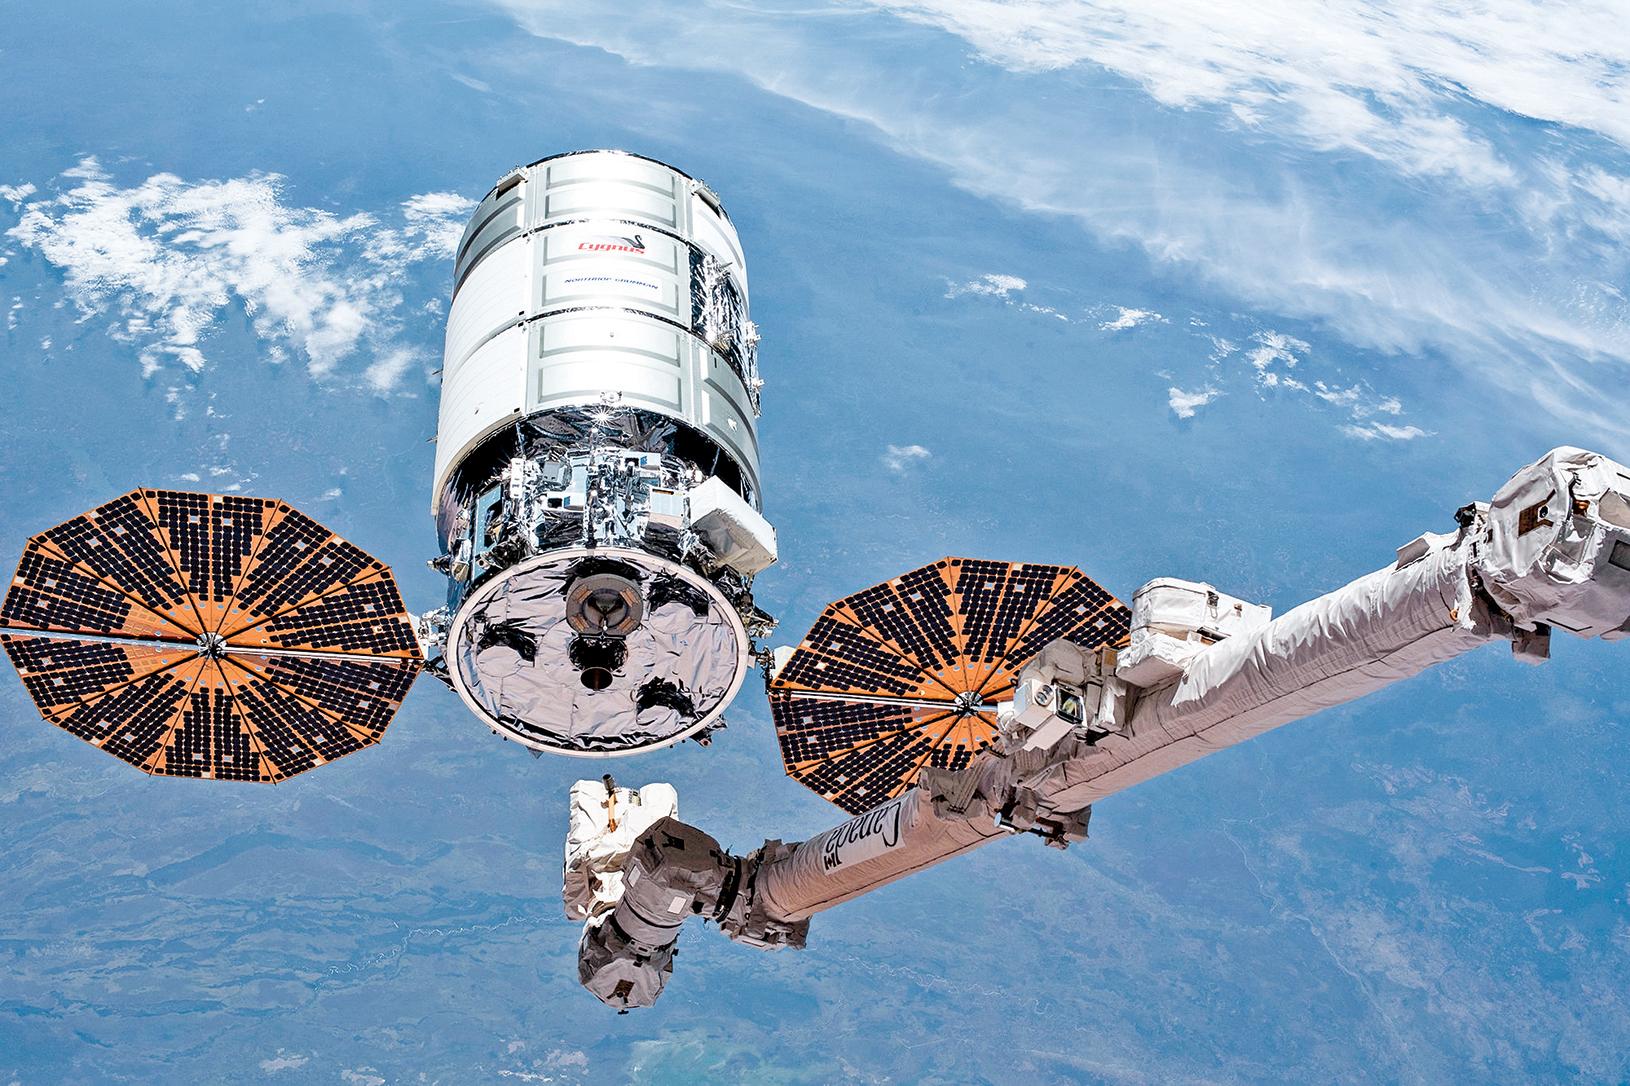 天鵝座飛船。(NASA)